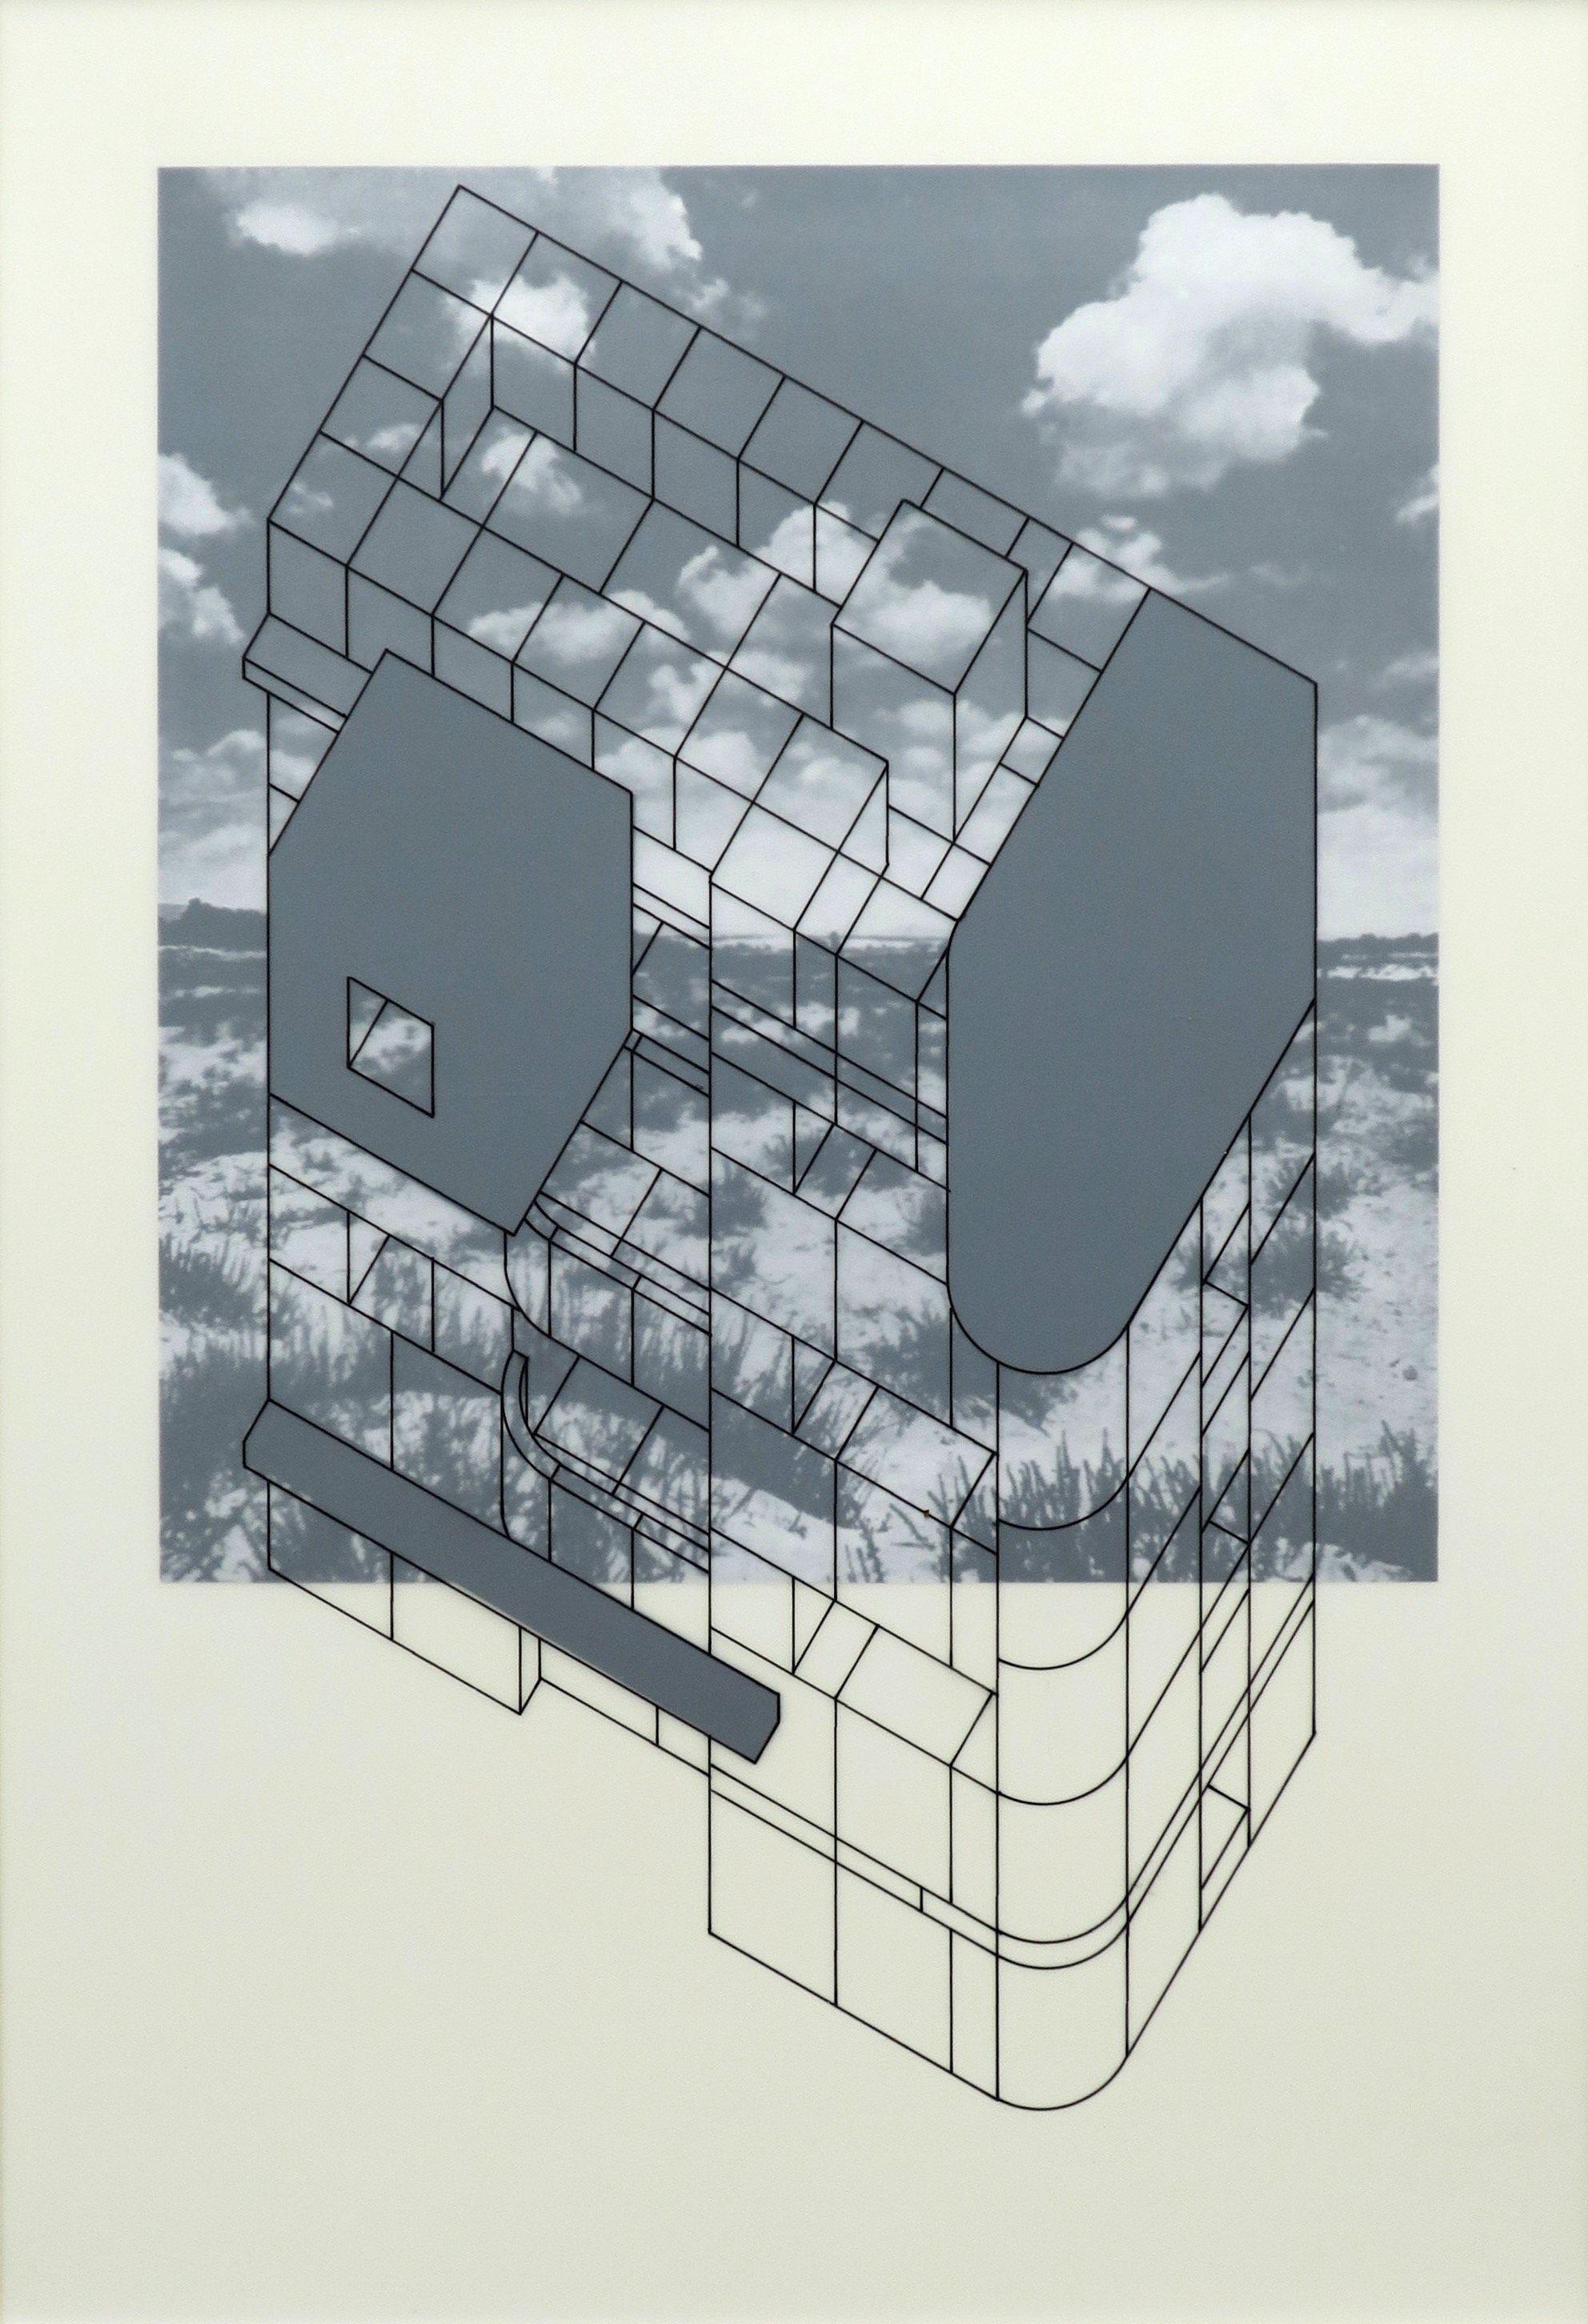 Tel Aviv Study 3 |Tinta y esmalte en mylar, impresión digital en carton de museo  | 60.6 x 45.5cm  (23.86 x 17.91inches) |2019